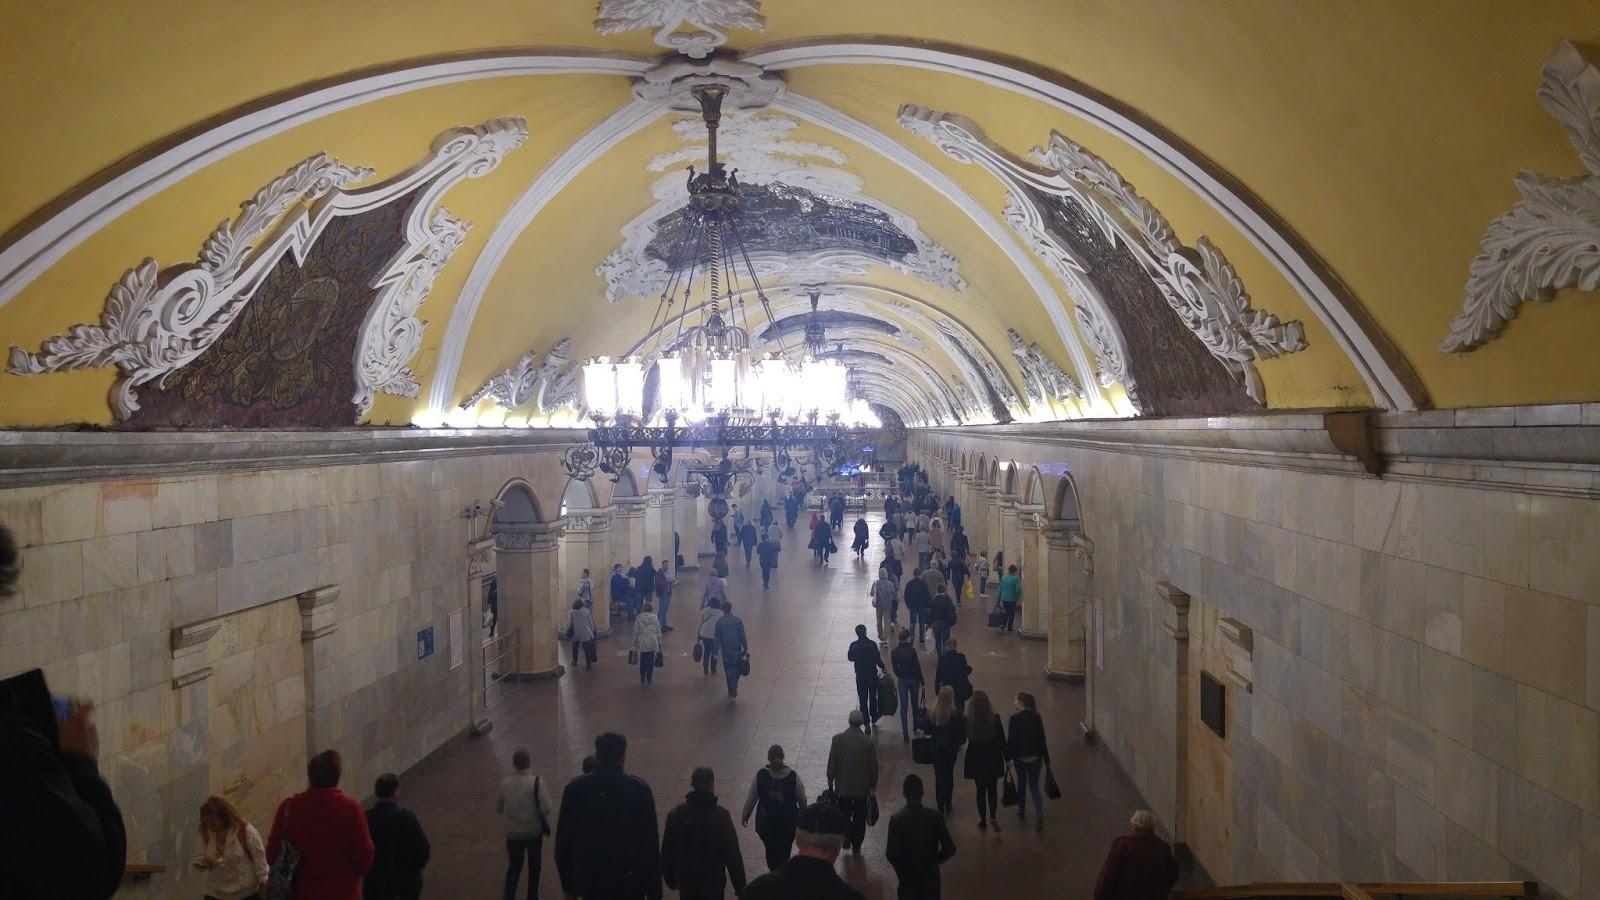 Postaja metroja v Moskvi